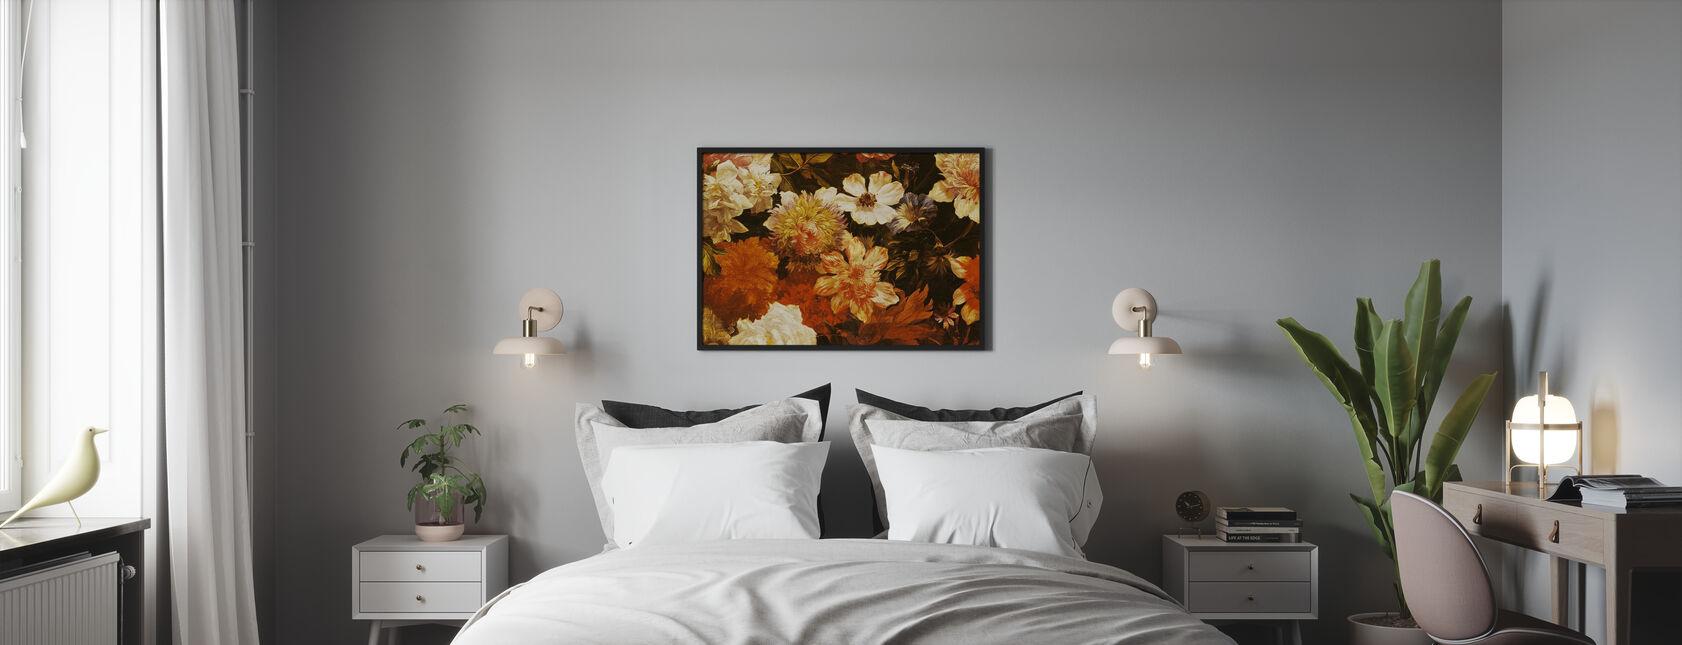 Detail van Bloemen - Michelangelo Cerquozzi - Poster - Slaapkamer